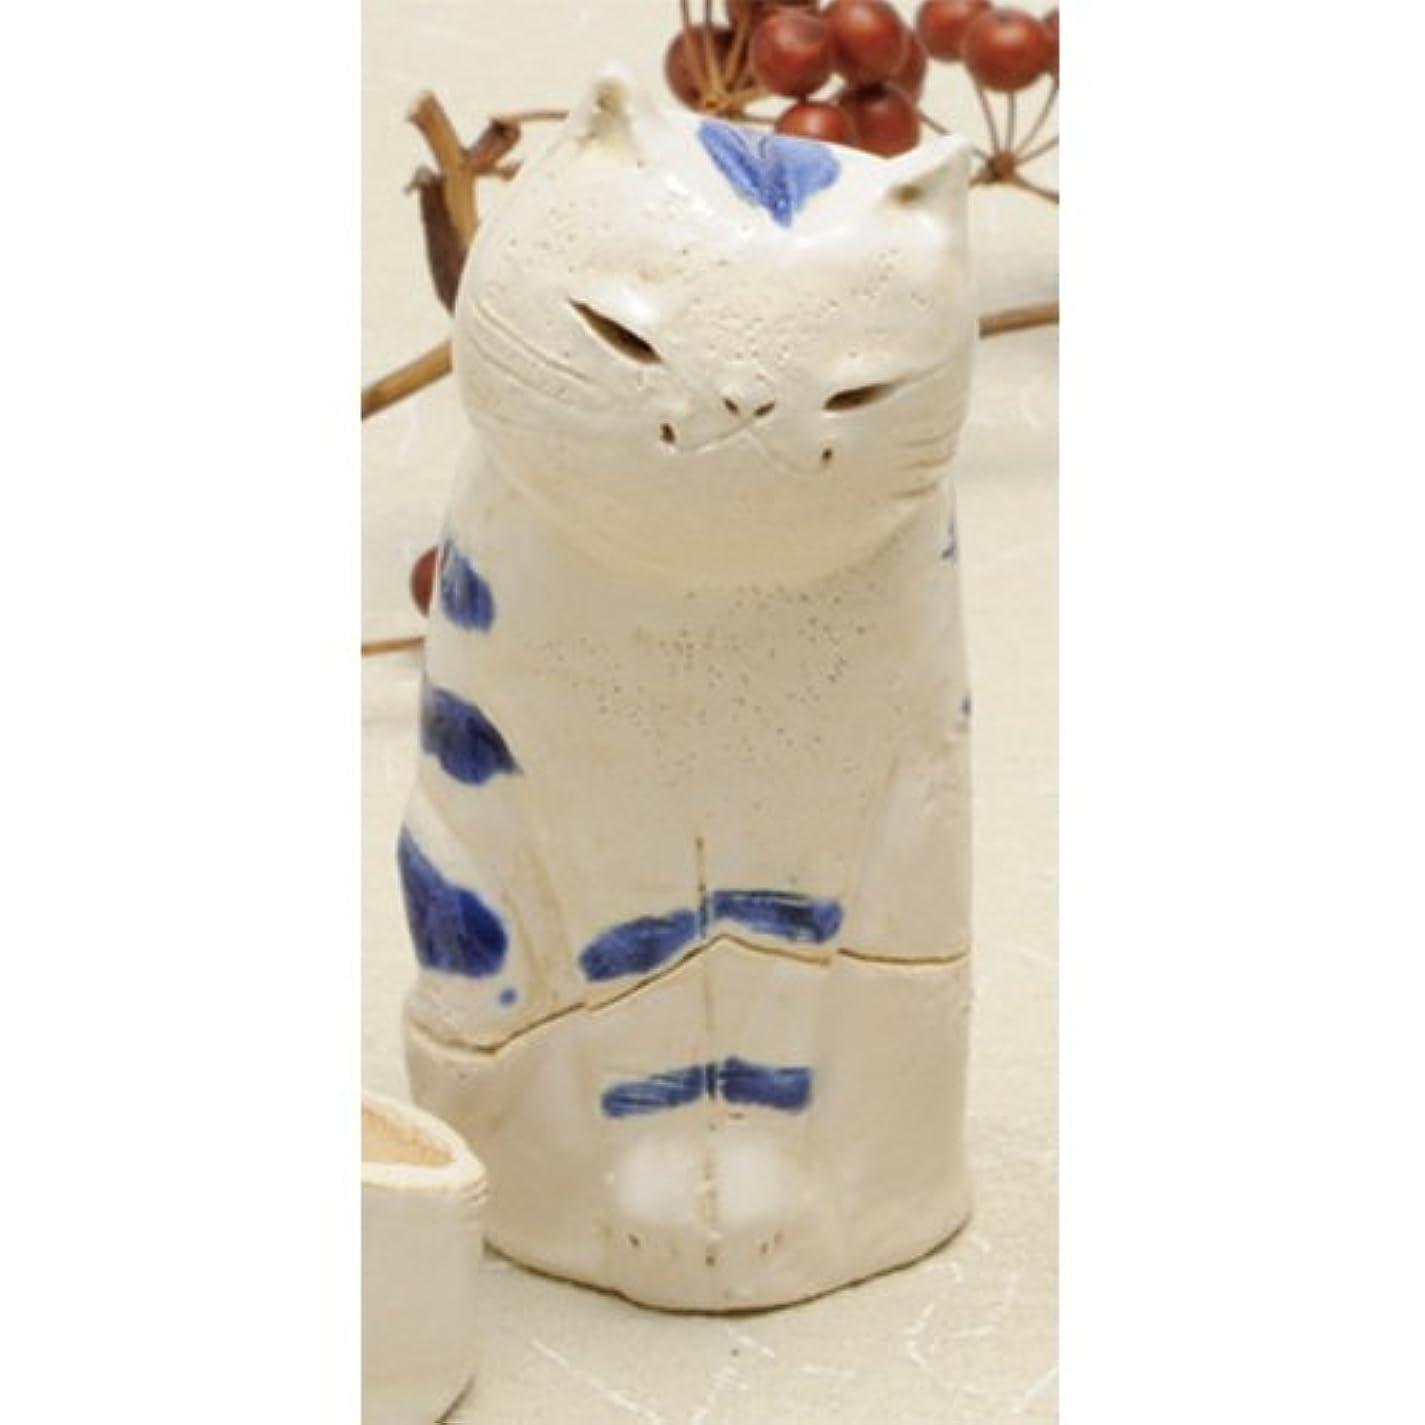 一掃する計器ハブブ島ねこ 島しま立ちネコ 香炉(大)(青) [H11cm] HANDMADE プレゼント ギフト 和食器 かわいい インテリア